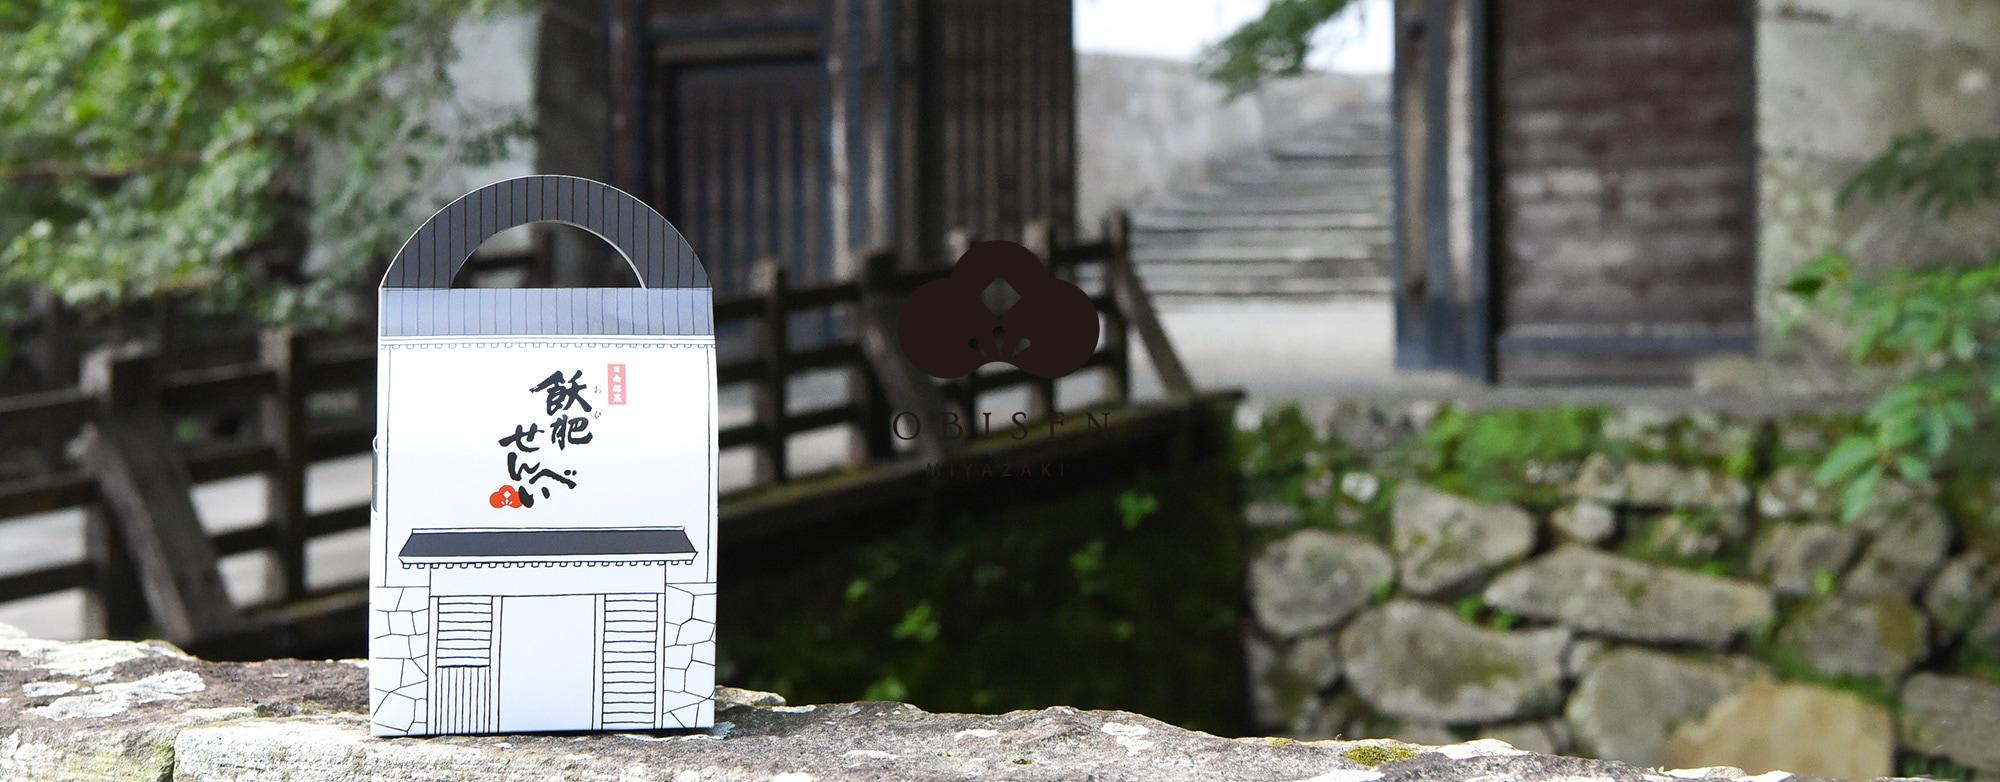 銘菓飫肥せんべい 取っ手付箱